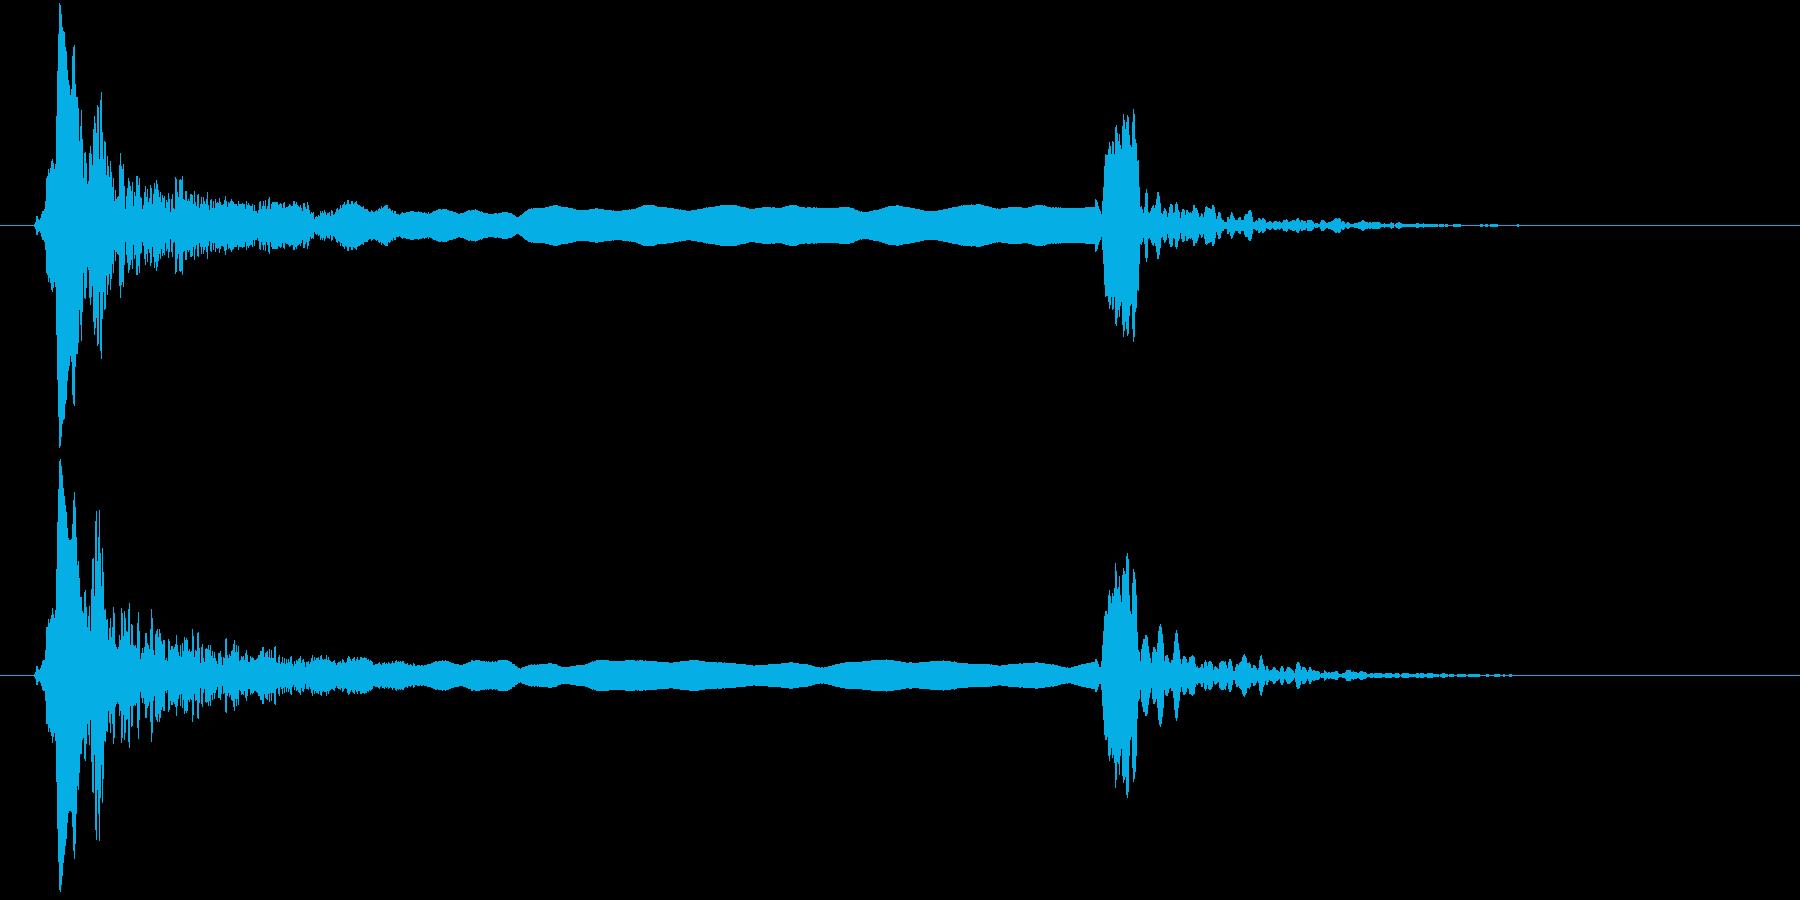 「ピィーピッ」能管ひしぎ、長め+リバーブの再生済みの波形